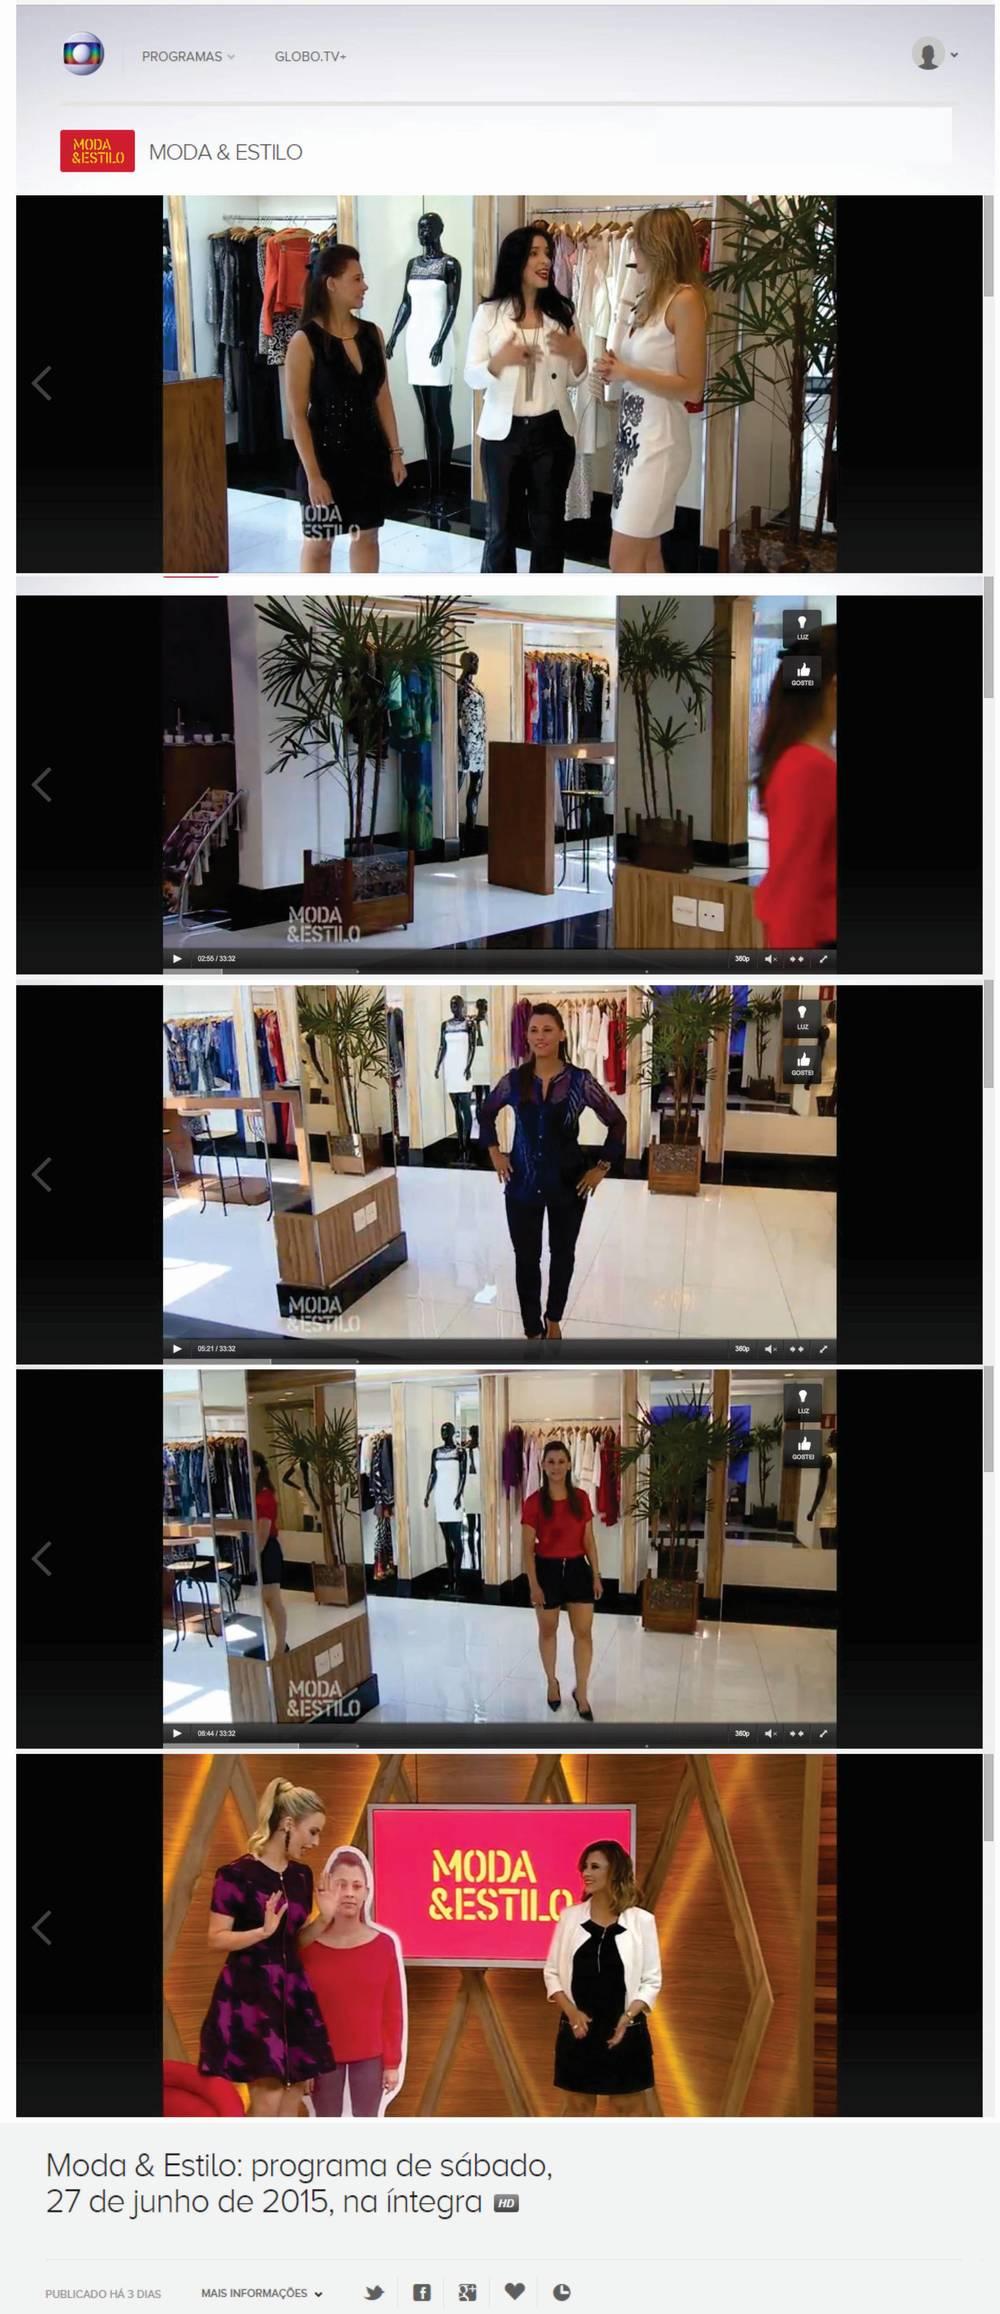 Cajo - Programa Moda & Estilo - TV Globo - 27-06-2015.jpg